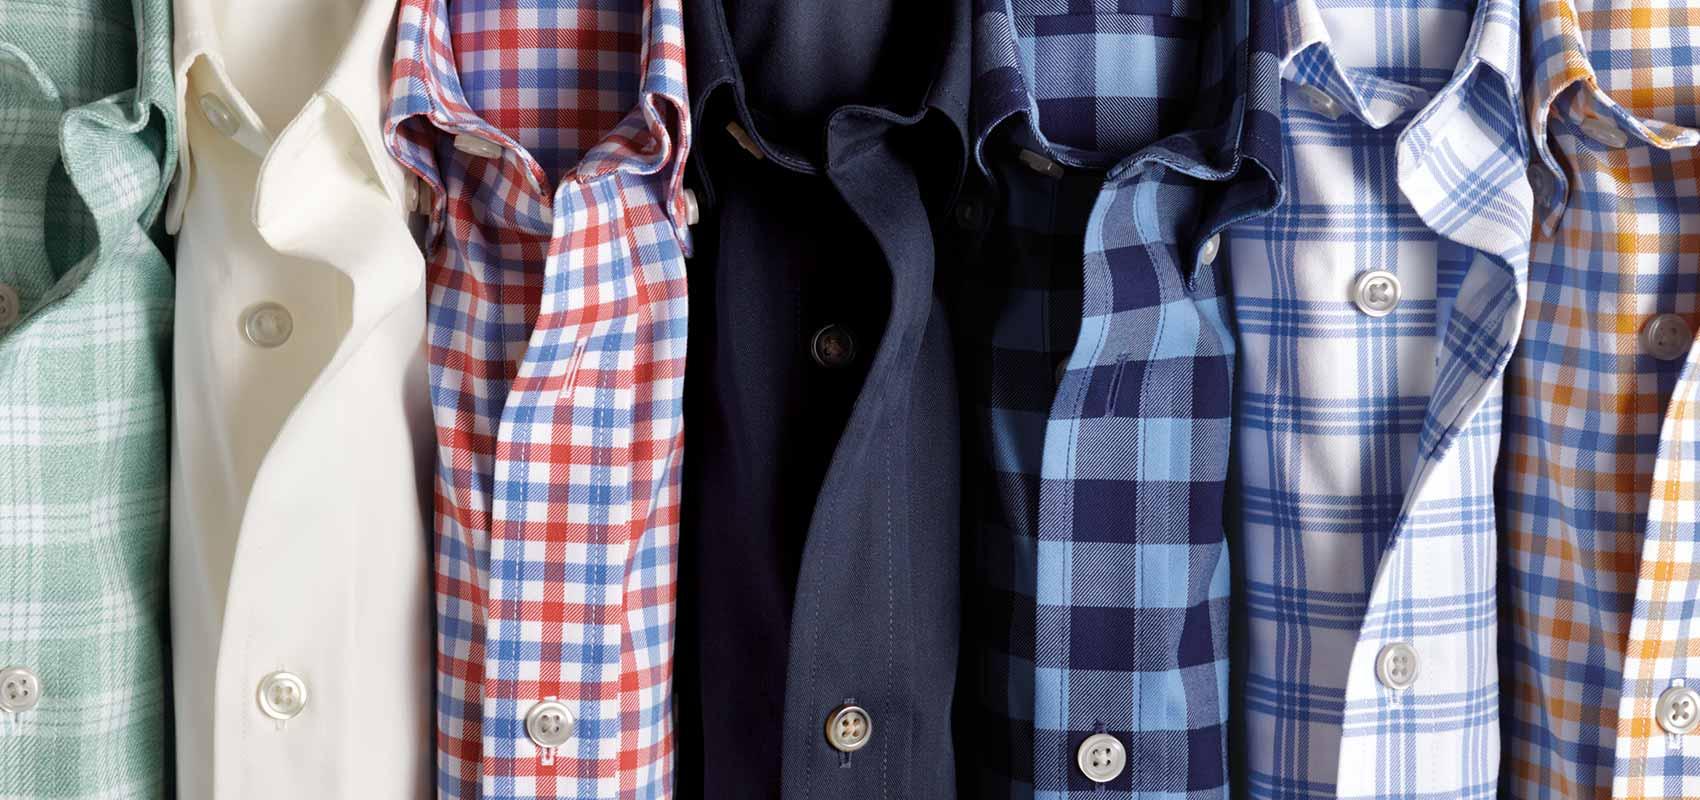 Charles Tyrwhitt twill weave shirts